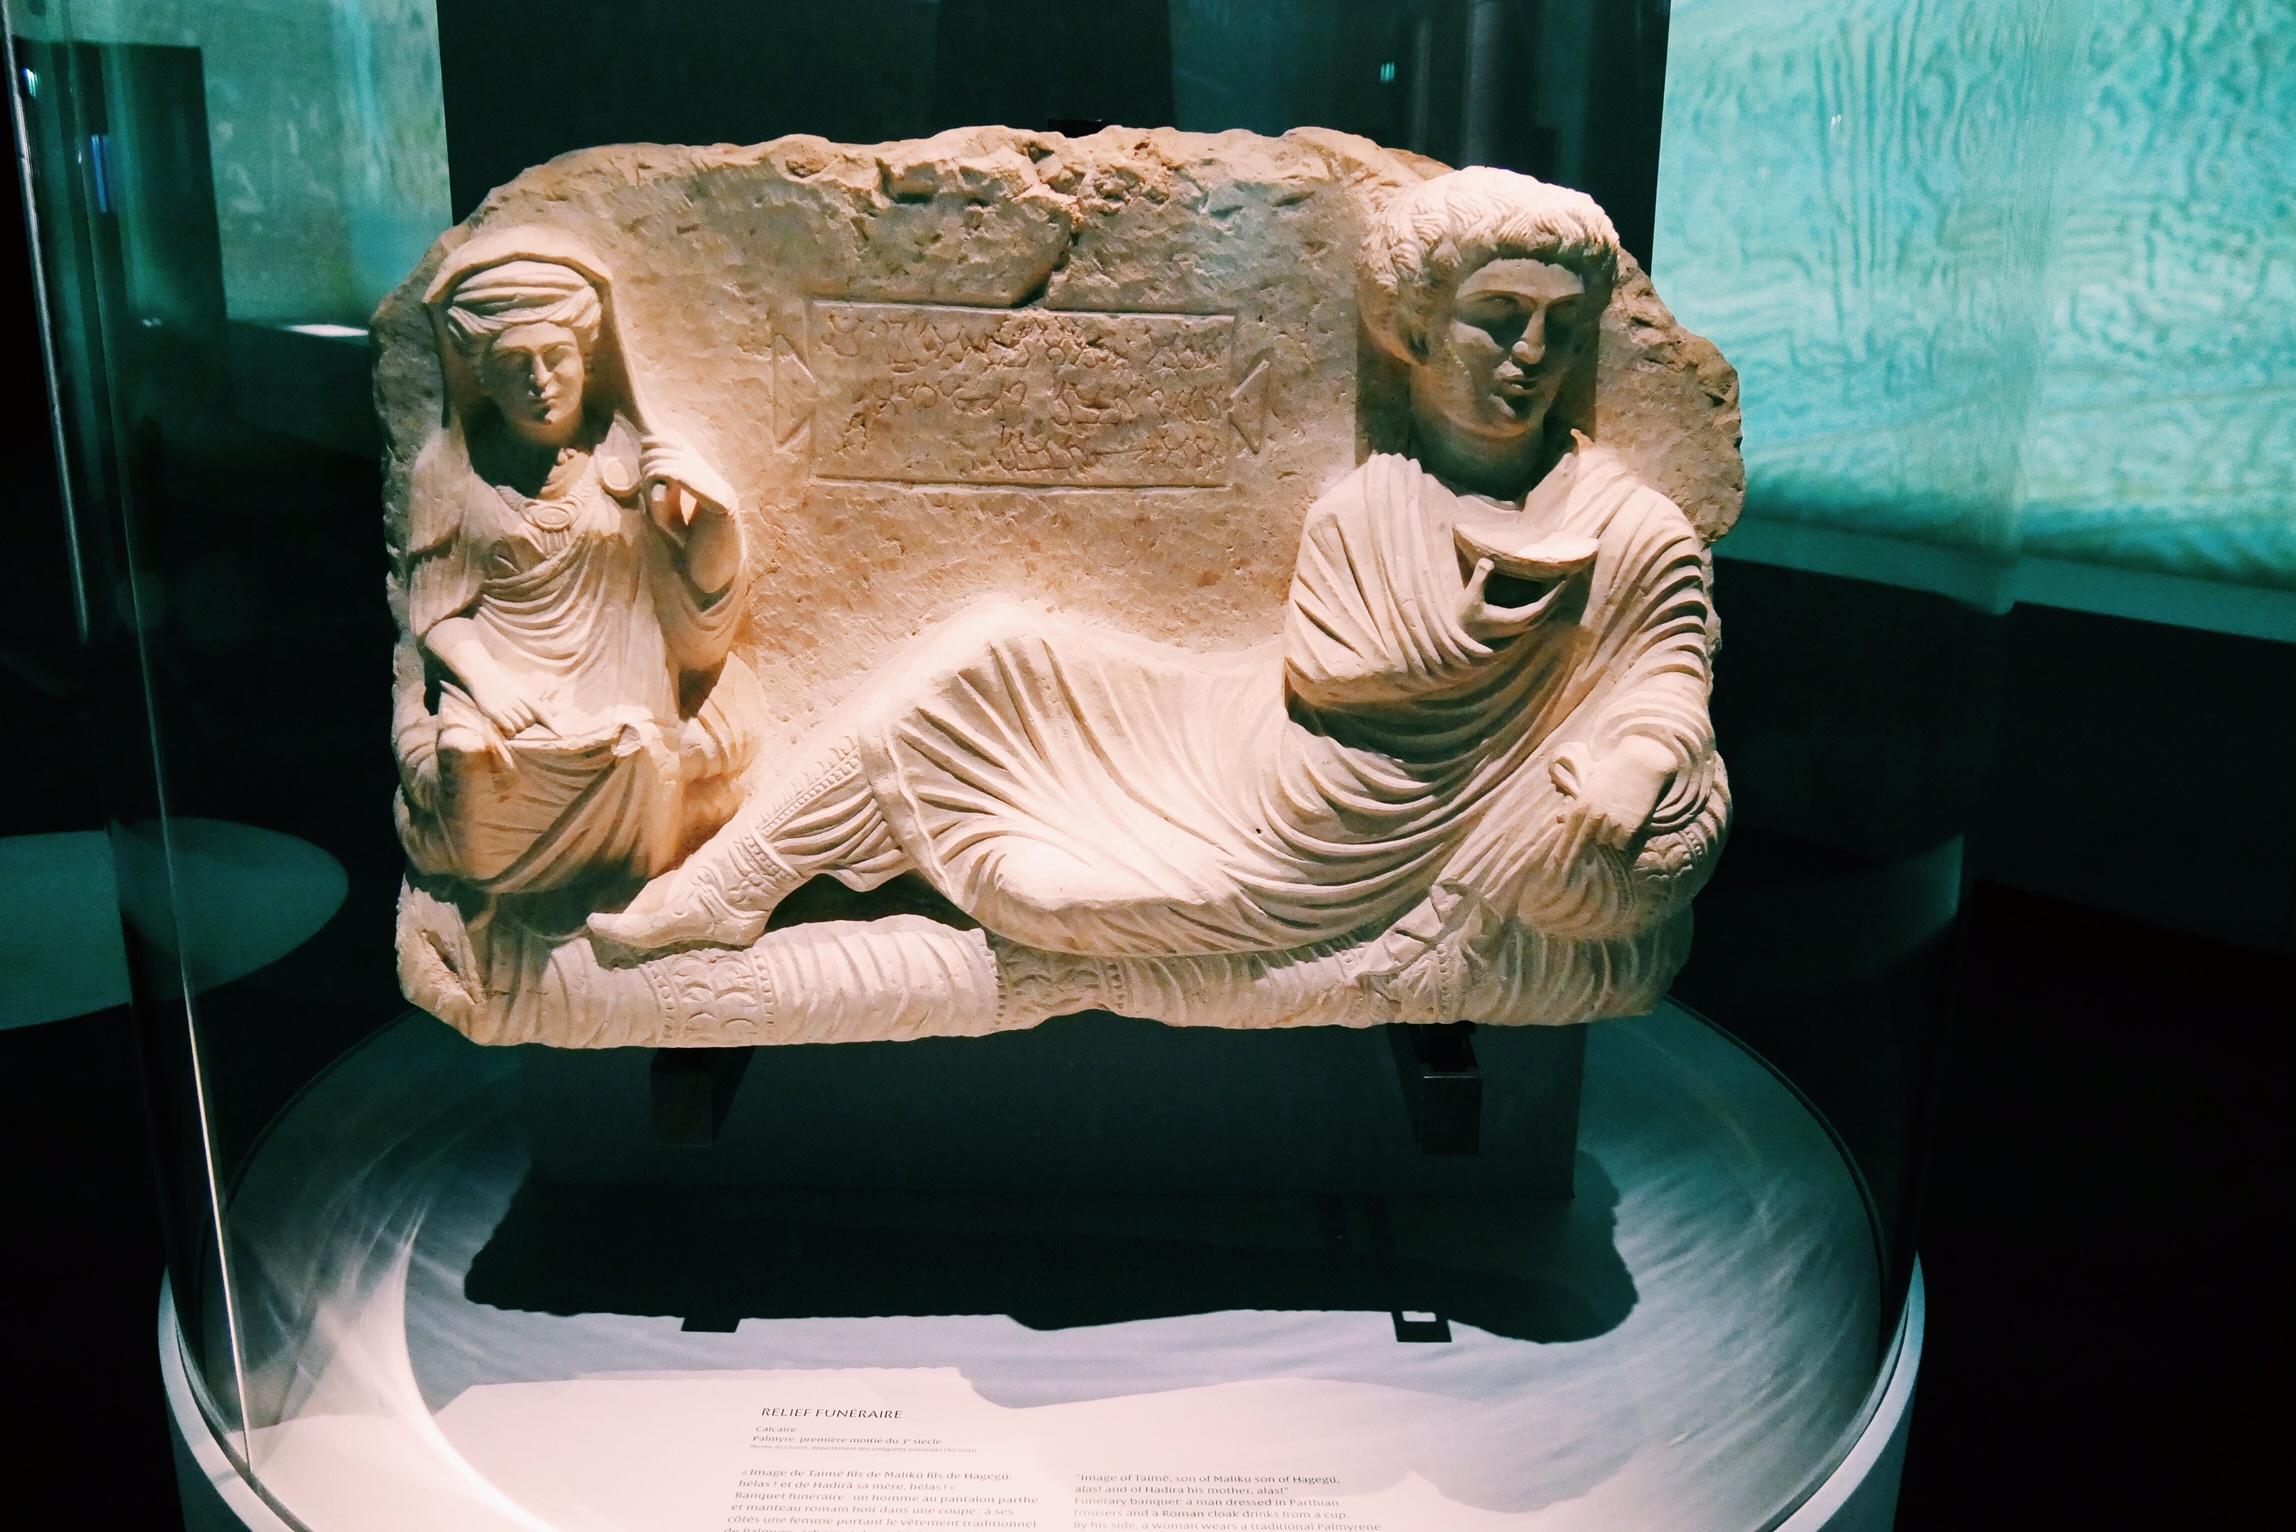 Relief-funéraire-calcaire-Palmyre-Musée-du-Louvre-Exposition-Sites-Eternels-Grand-Palais-Paris